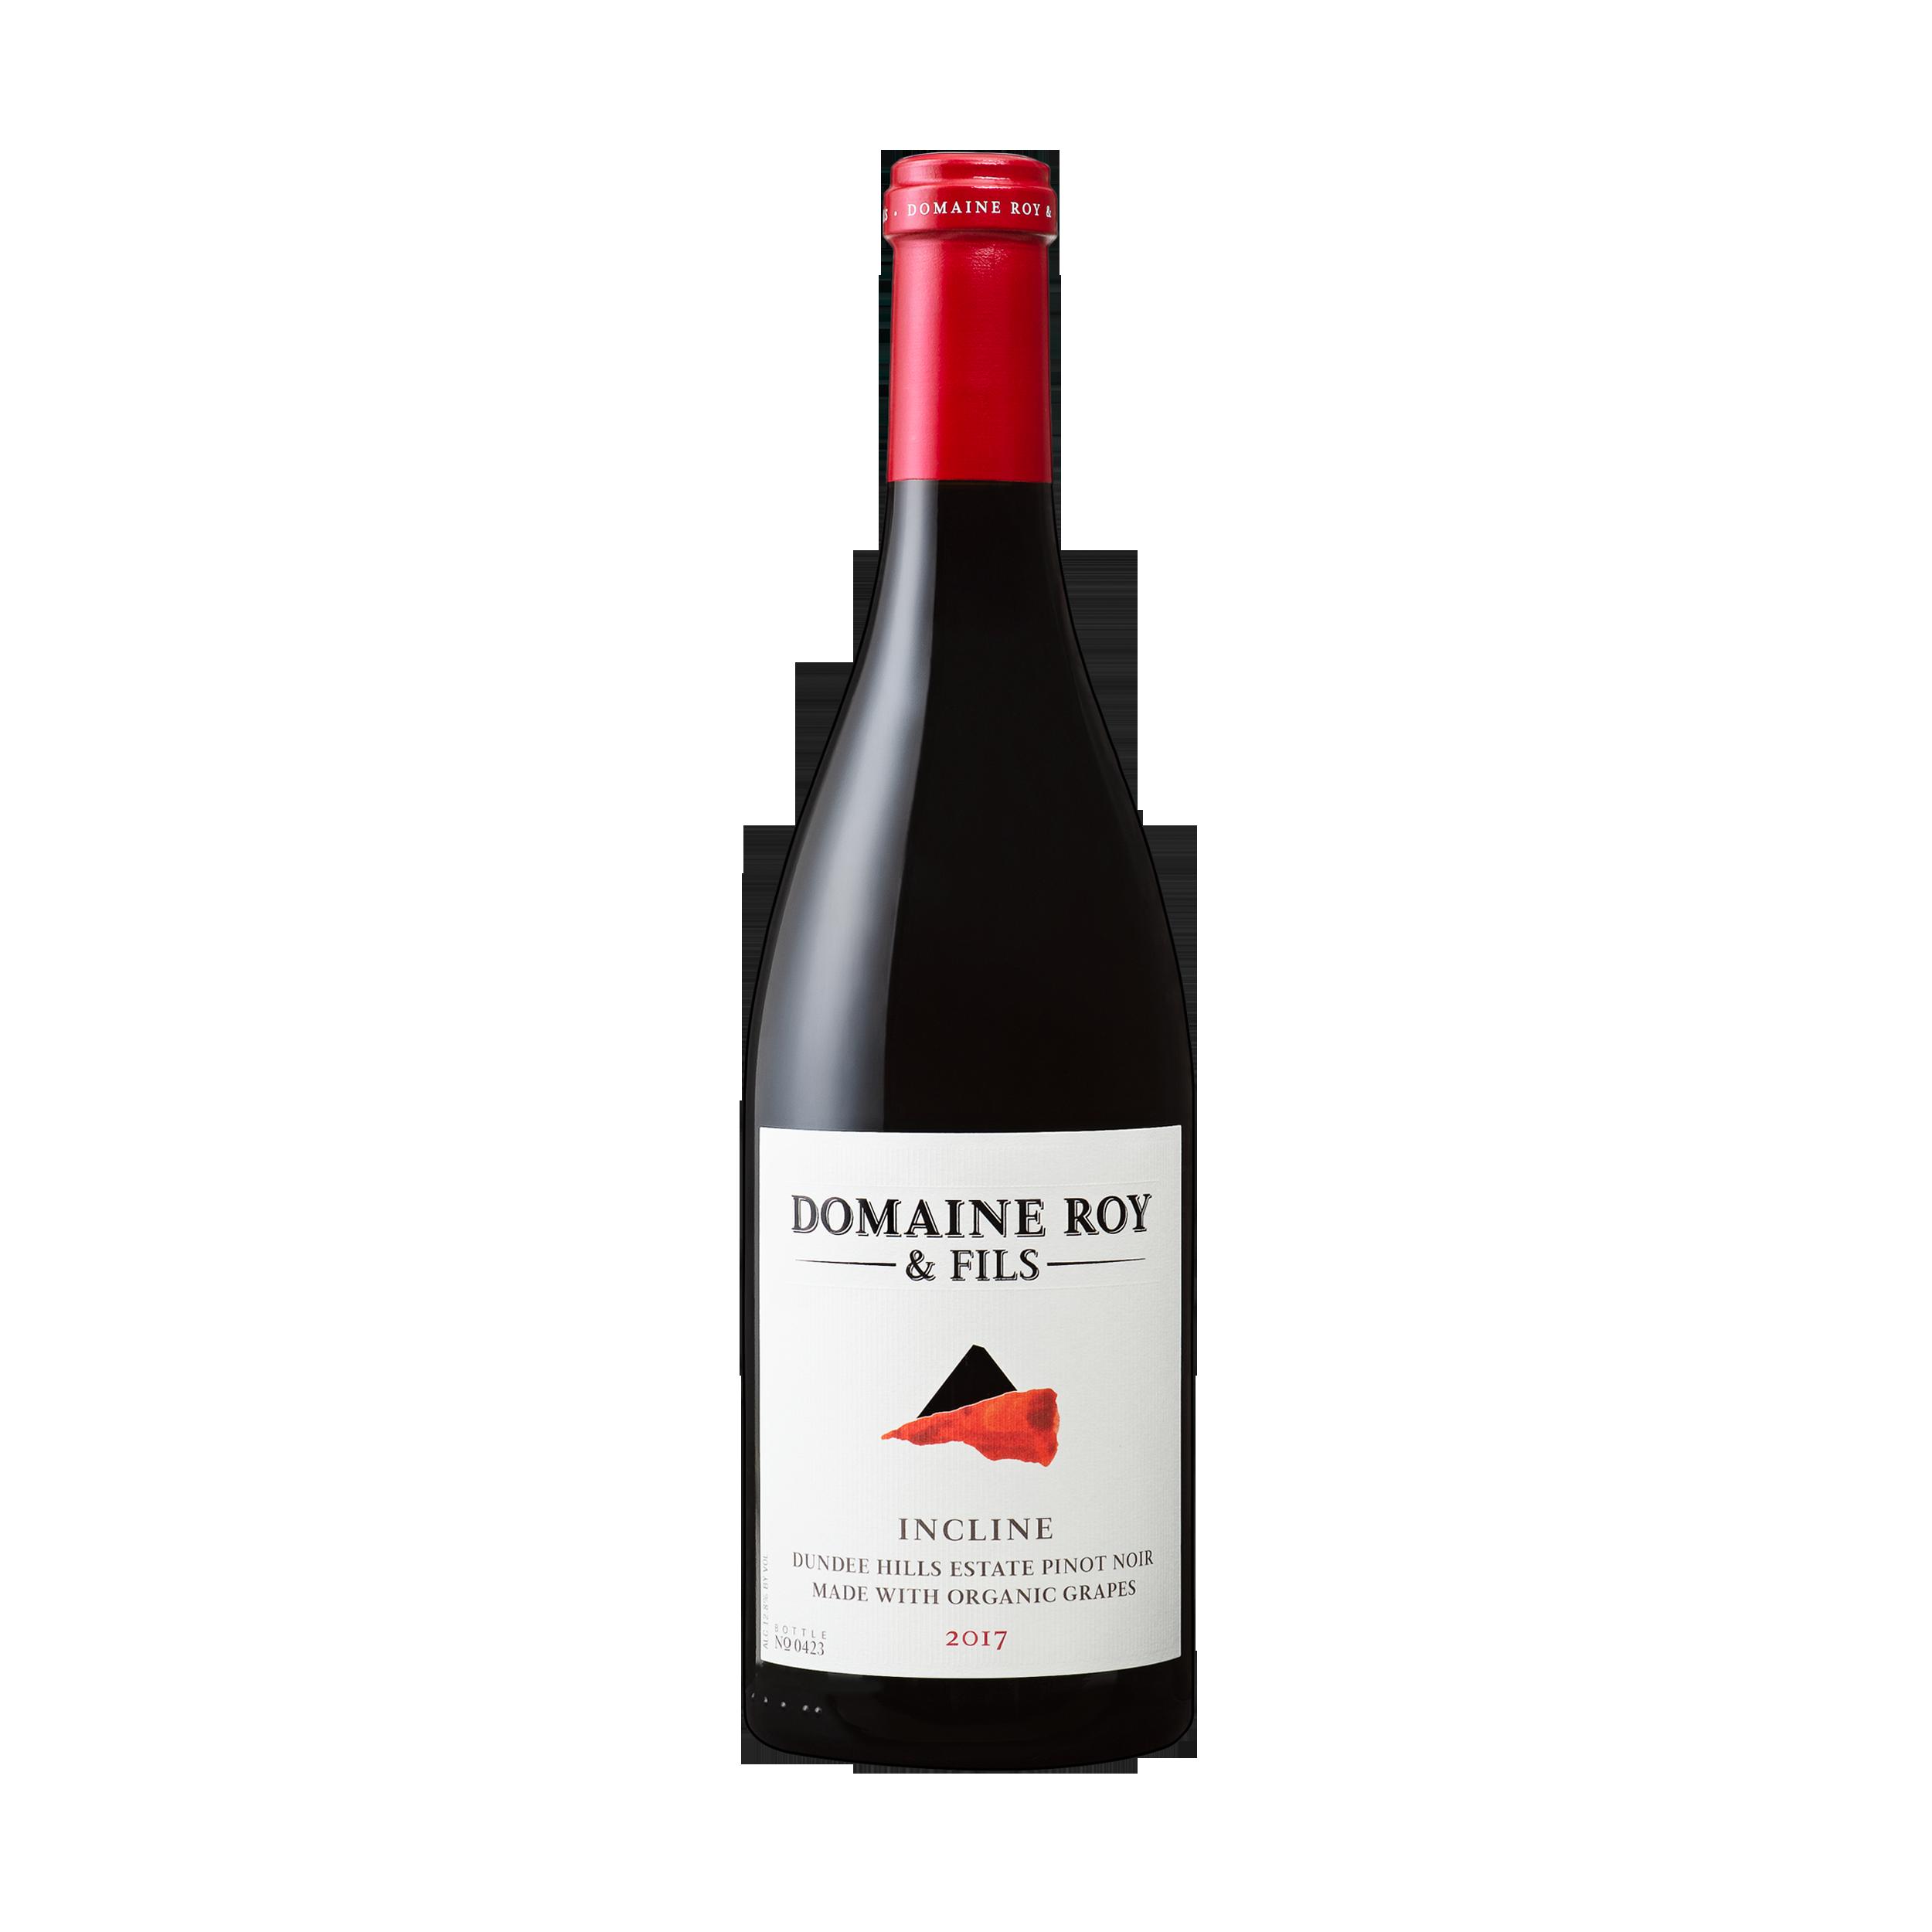 2017 Dundee Hills Incline Pinot Noir